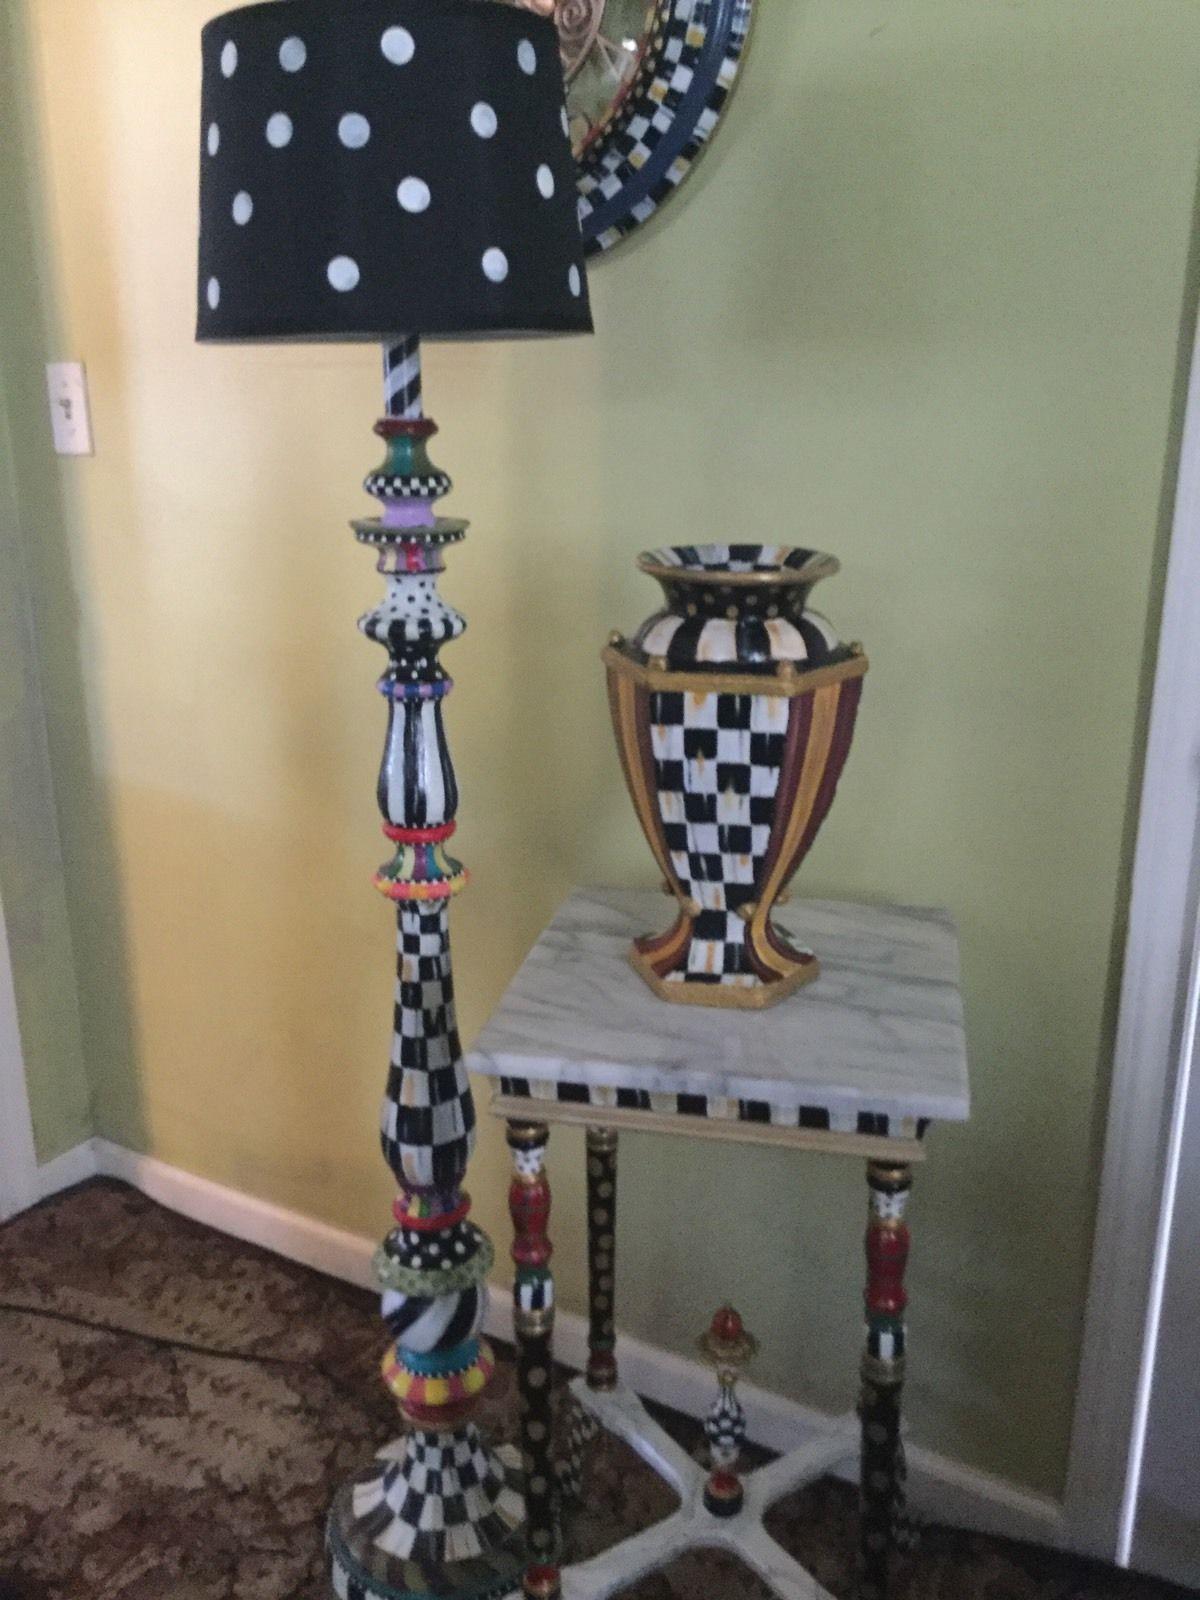 My own hand painted floor lamp mackenzie childs napkins ebay my own hand painted floor lamp mackenzie childs napkins ebay mozeypictures Choice Image